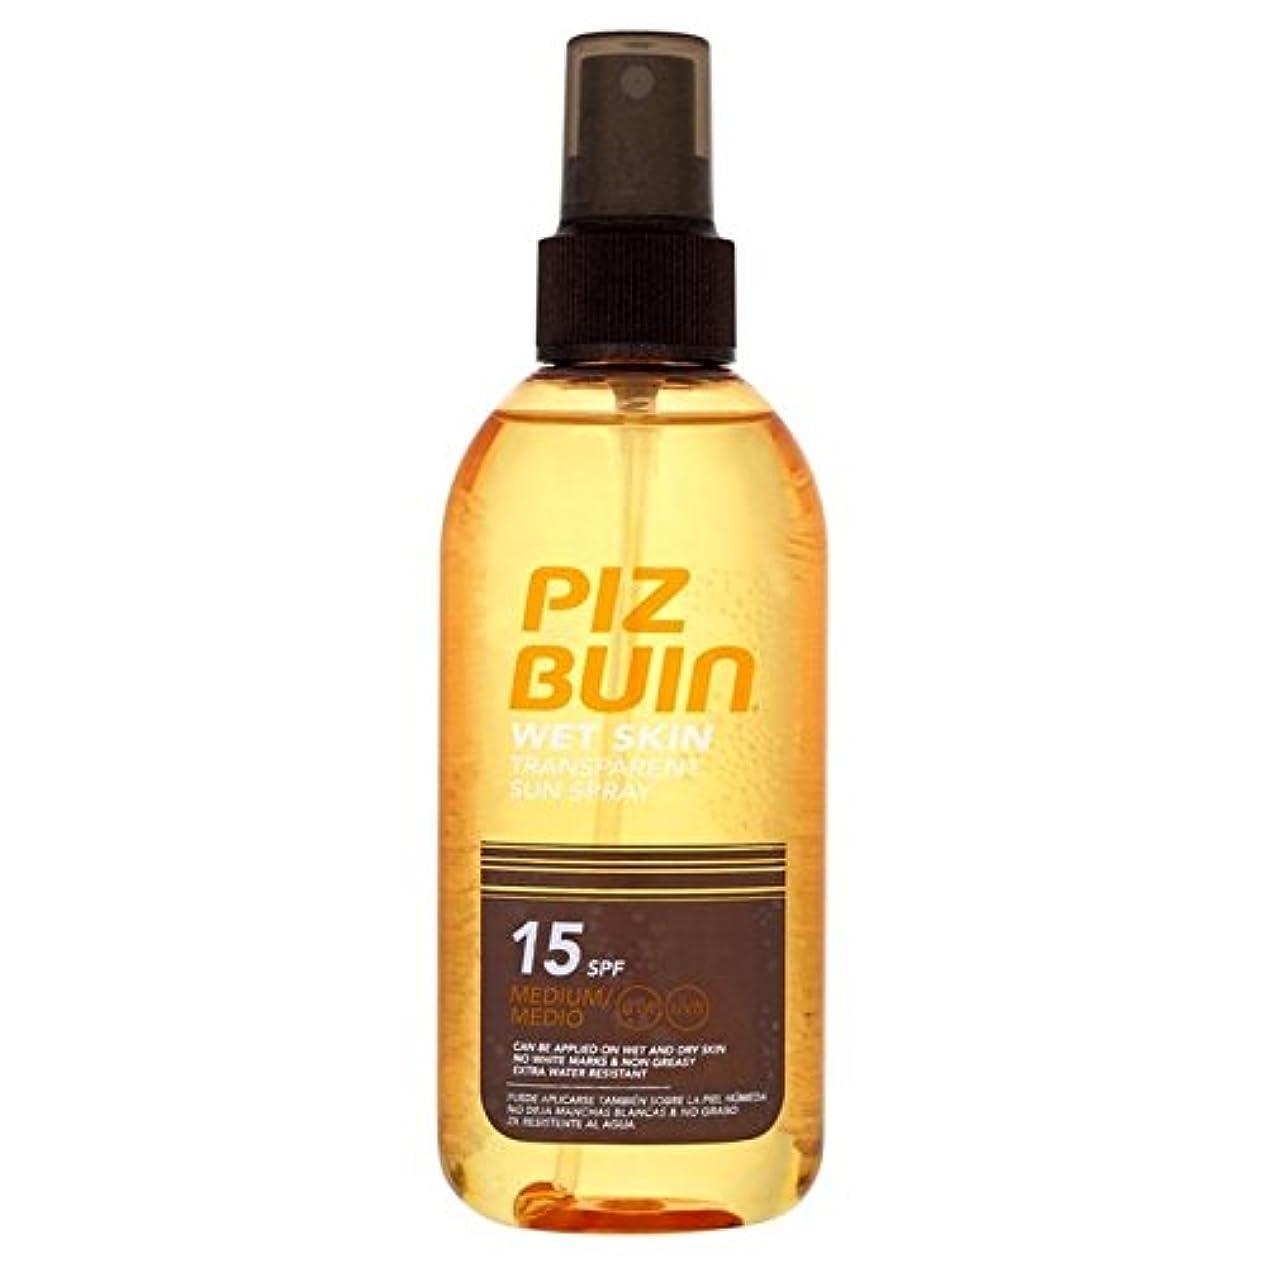 冒険者いらいらさせるコマースピッツブーインの湿った透明肌15の150ミリリットル x2 - Piz Buin Wet Transparent Skin SPF15 150ml (Pack of 2) [並行輸入品]